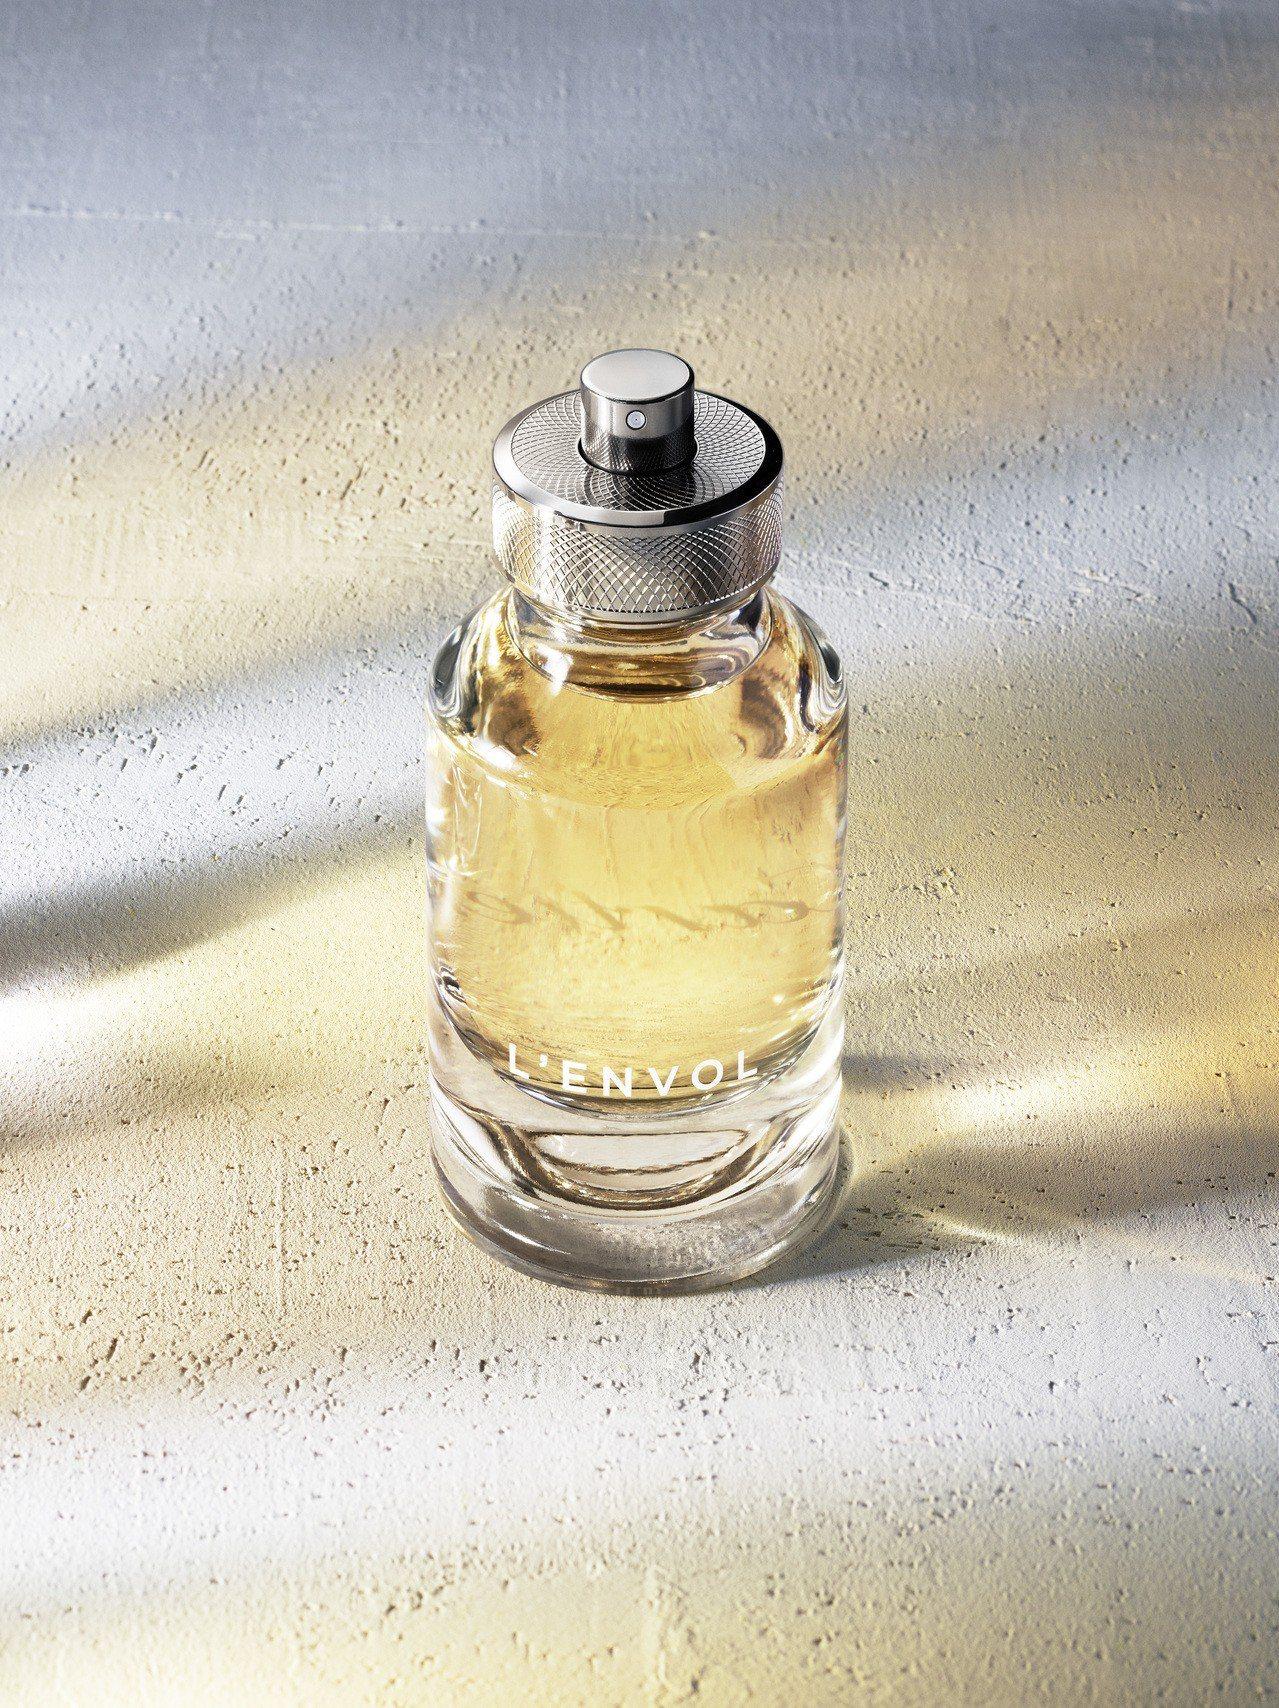 卡地亞L'Envol de Cartier 淡香水,清新的木香調散發柑橘、綠檀木...